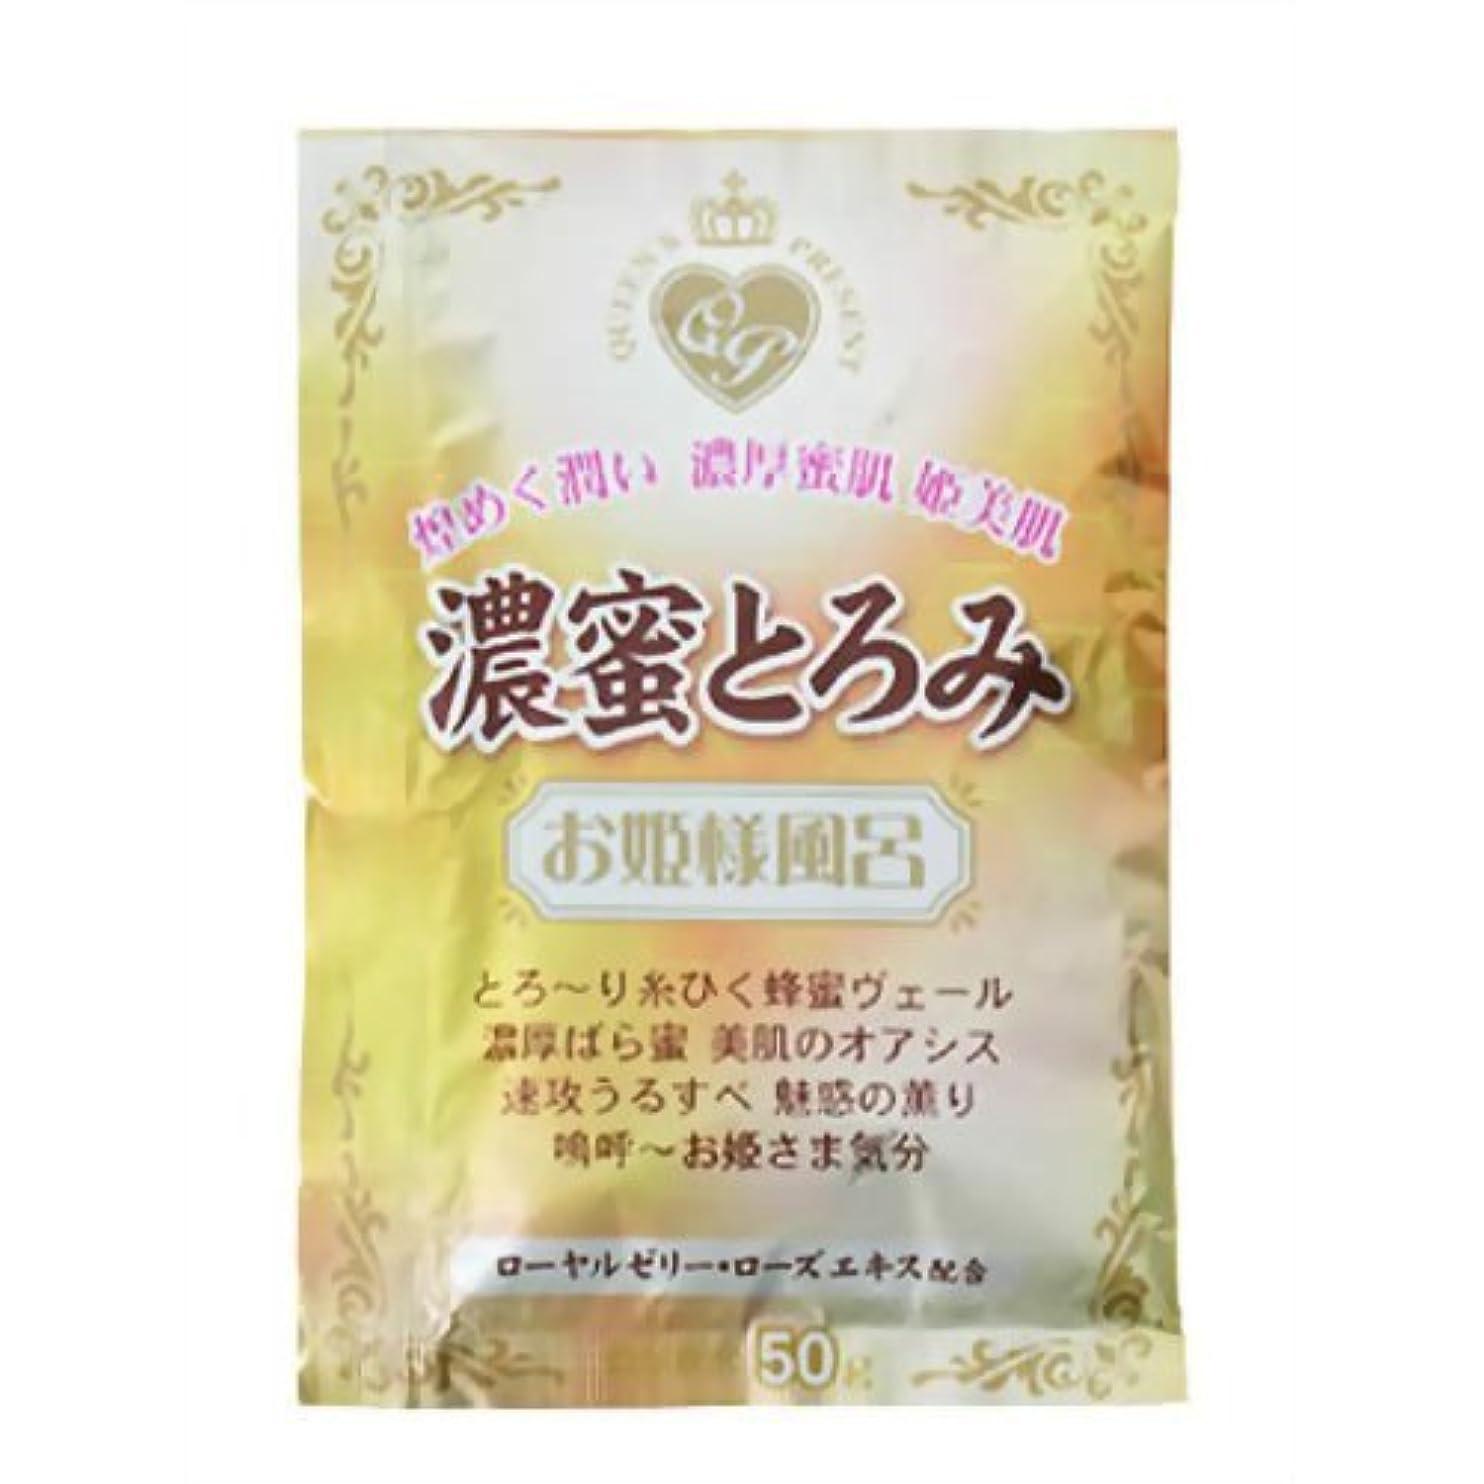 ピース着る望む紀陽除虫菊 お姫様風呂  濃密とろみ【まとめ買い12個セット】 N-8173